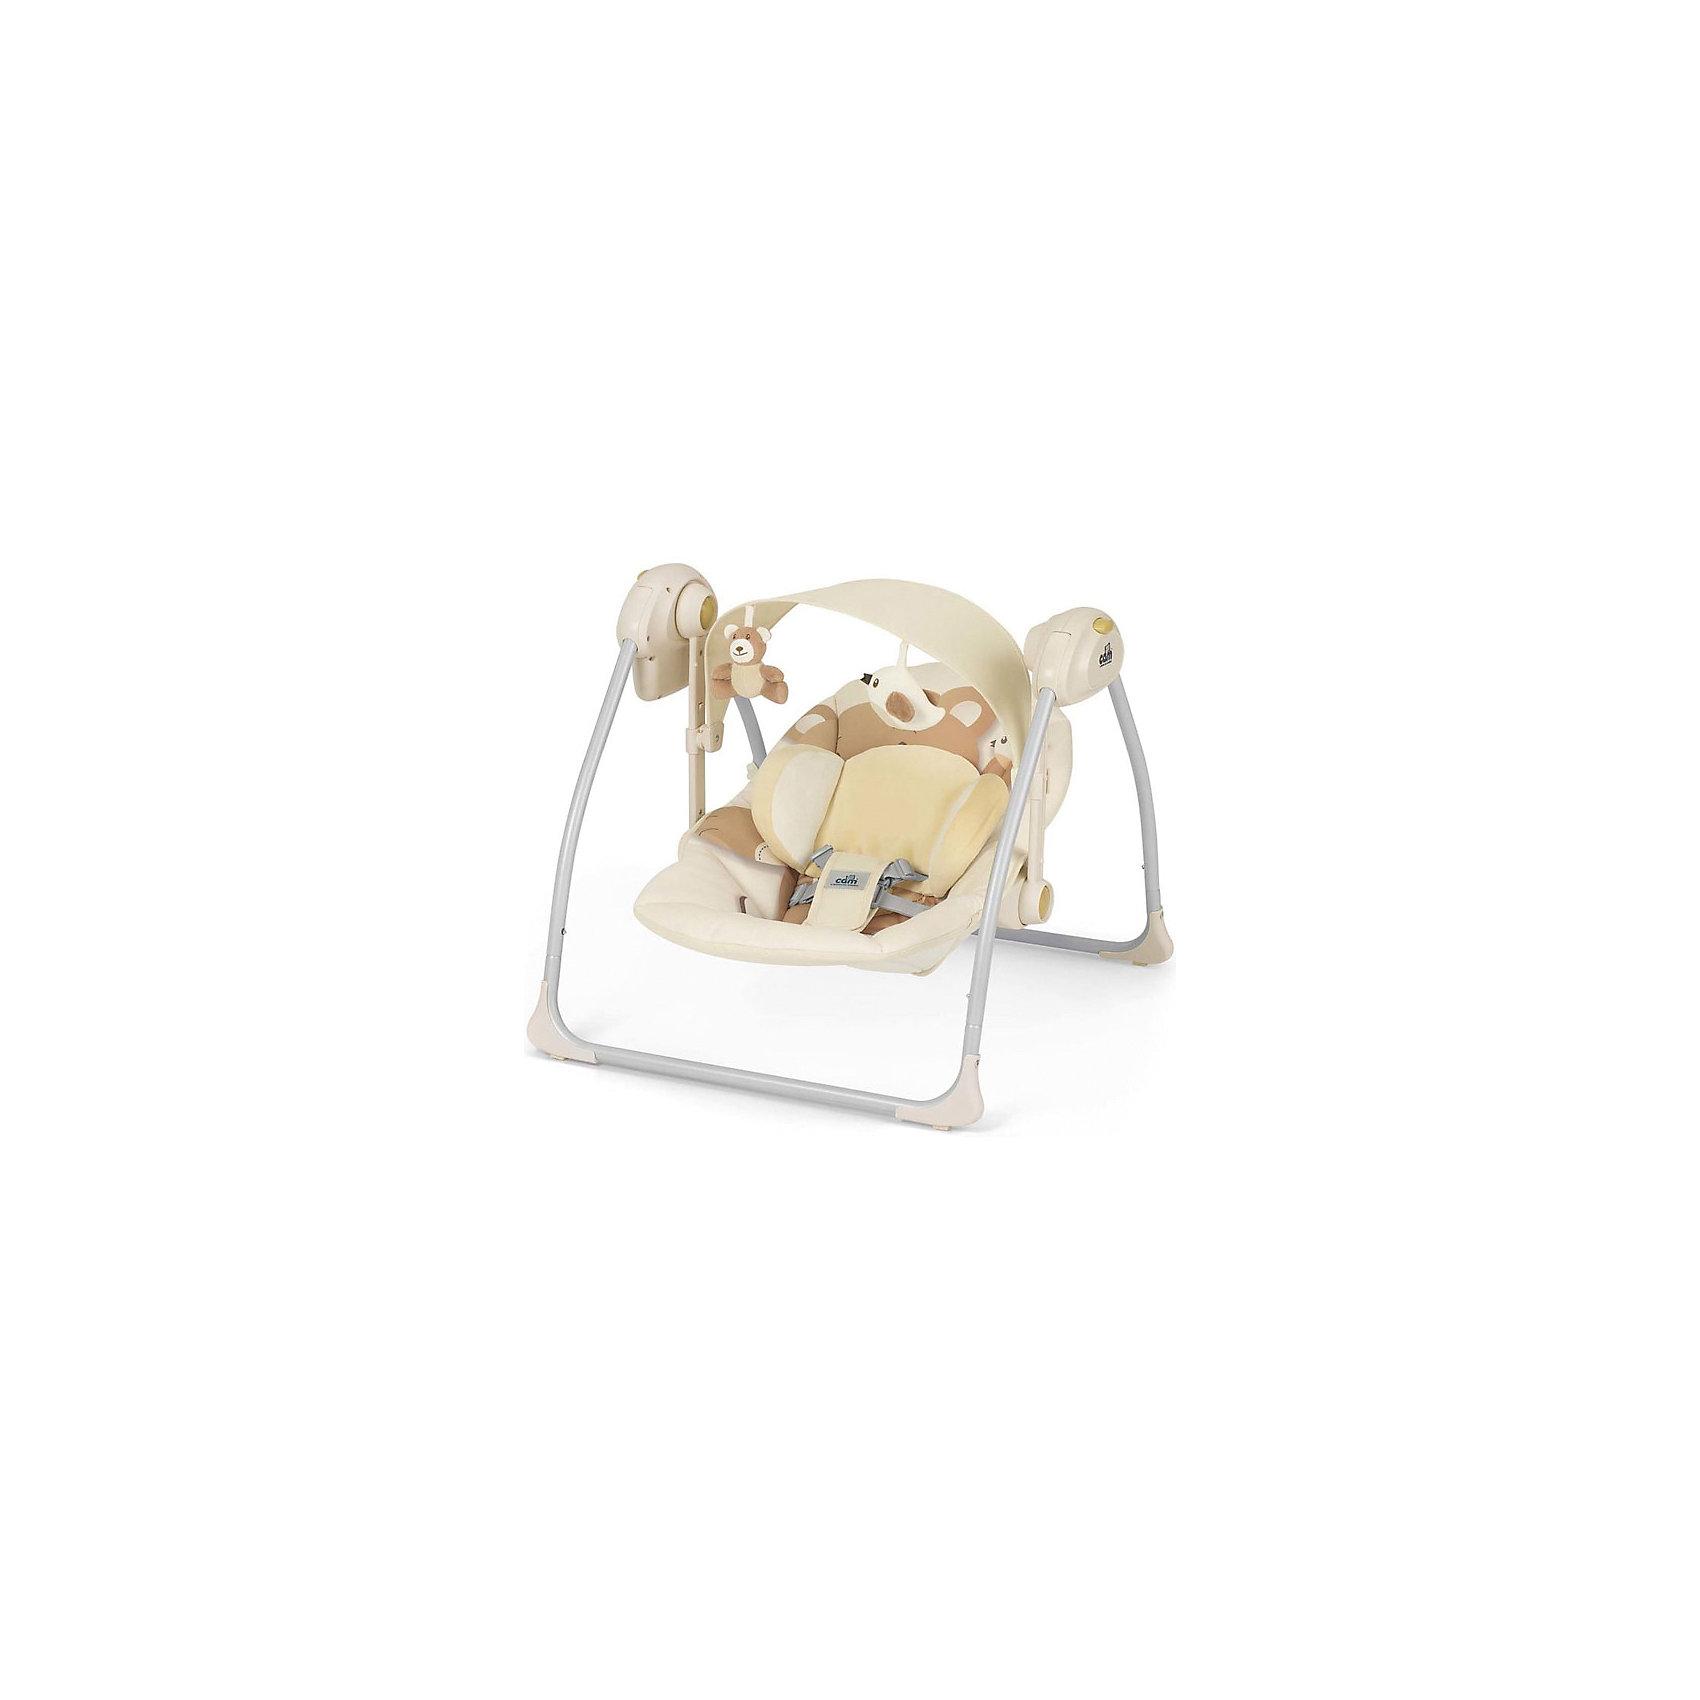 Качели-шезлонг Sonnolento, CAM, бежевый с медвежонкомКачели электронные<br>Качели Sonnolento, CAM, бежевый с медвежонком обеспечат крепкий сон для вашего малыша. <br>Изготовлены качели из прочного и качественного материала. Для безопасности ребенка предусмотрены пятиточечные ремни безопасности. Ножки оснащены насадками против скольжения. Качели имеют 3 скорости укачивания, с автоматическим выключением через 8-15-30 минут, подвесные игрушки и мелодии для сна (5 колыбельные и 3 мелодии со звуками природы), которые можно регулировать. Спинка сиденья регулируется в 2 положениях. Есть съемный козырек и столик.<br><br>Дополнительная информация:<br><br>- возраст: от 0 <br>- вес ребенка: до 9 кг<br>- размер: 61,5 x 64 x 58 см<br>- вес: 4 кг<br>- цвет: оранжевый<br>- материал: пластмасса, металл, текстиль<br><br>Качели Sonnolento, CAM, бежевый с медвежонком  можно купить в нашем интернет магазине.<br><br>Ширина мм: 440<br>Глубина мм: 415<br>Высота мм: 640<br>Вес г: 5500<br>Возраст от месяцев: 0<br>Возраст до месяцев: 8<br>Пол: Унисекс<br>Возраст: Детский<br>SKU: 5013500